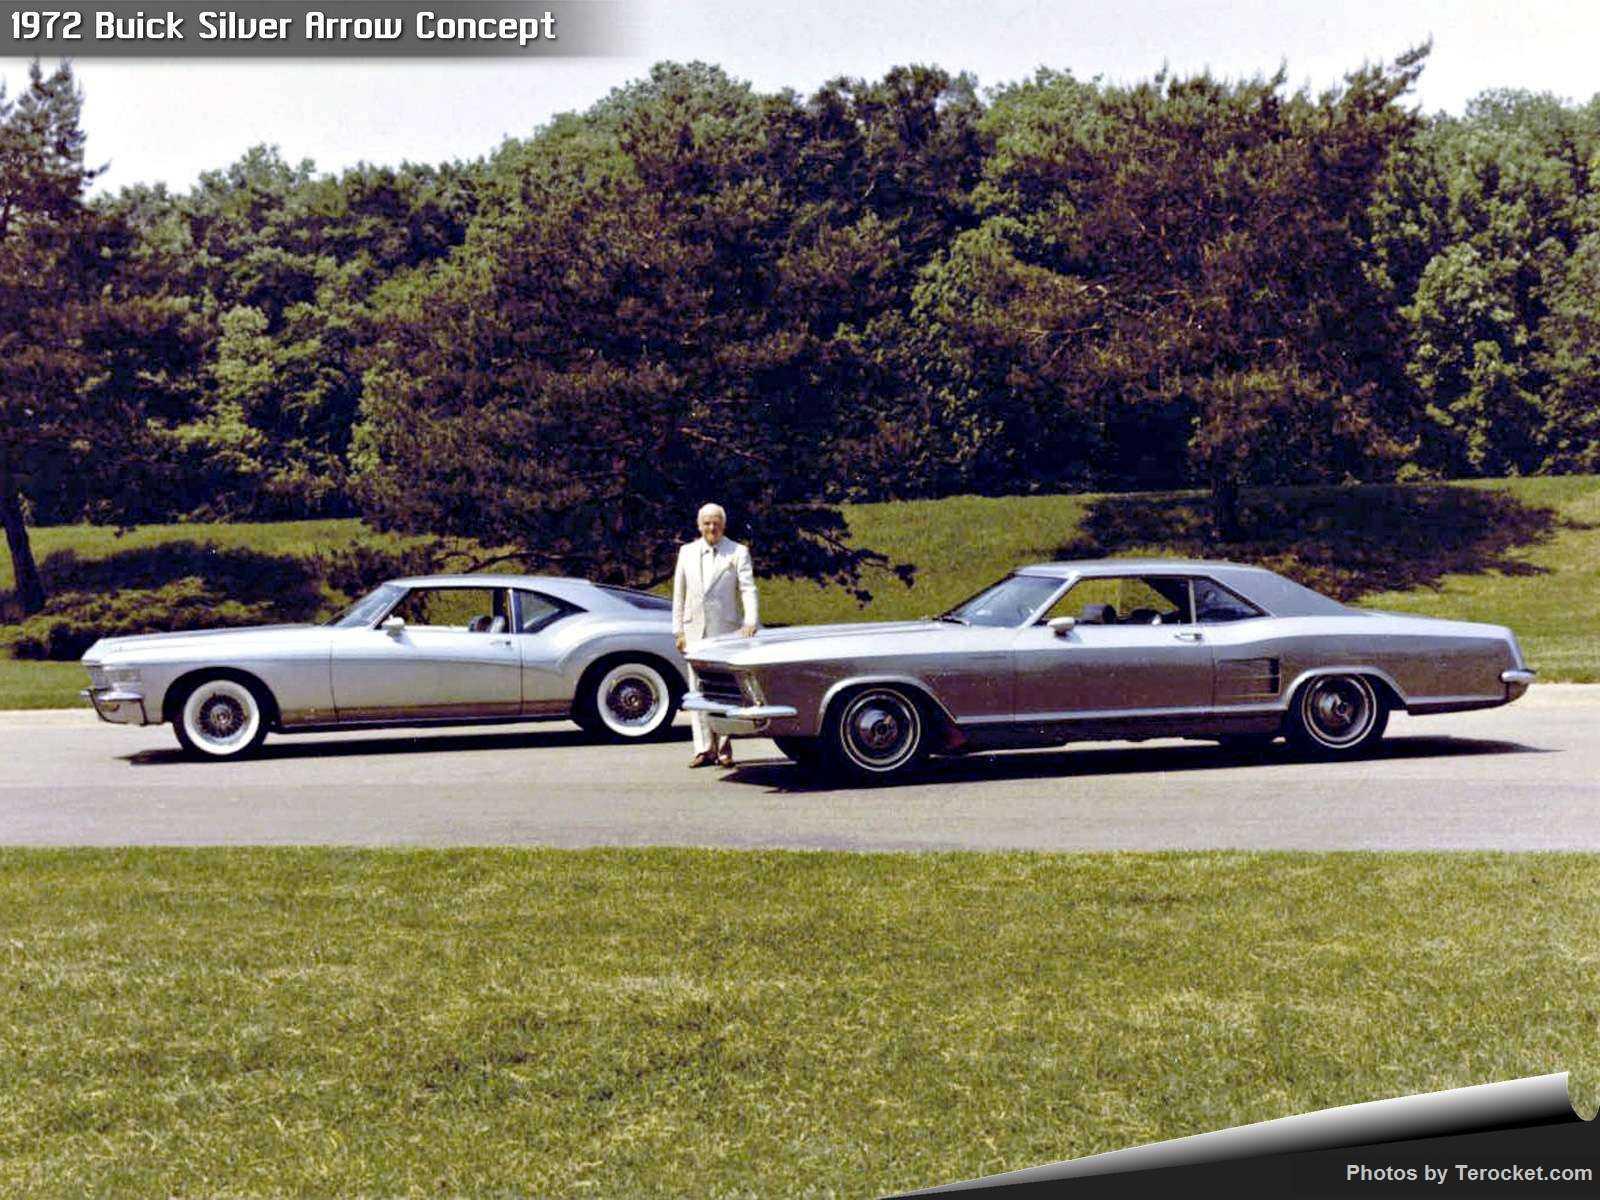 Hình ảnh xe ô tô Buick Silver Arrow Concept 1972 & nội ngoại thất